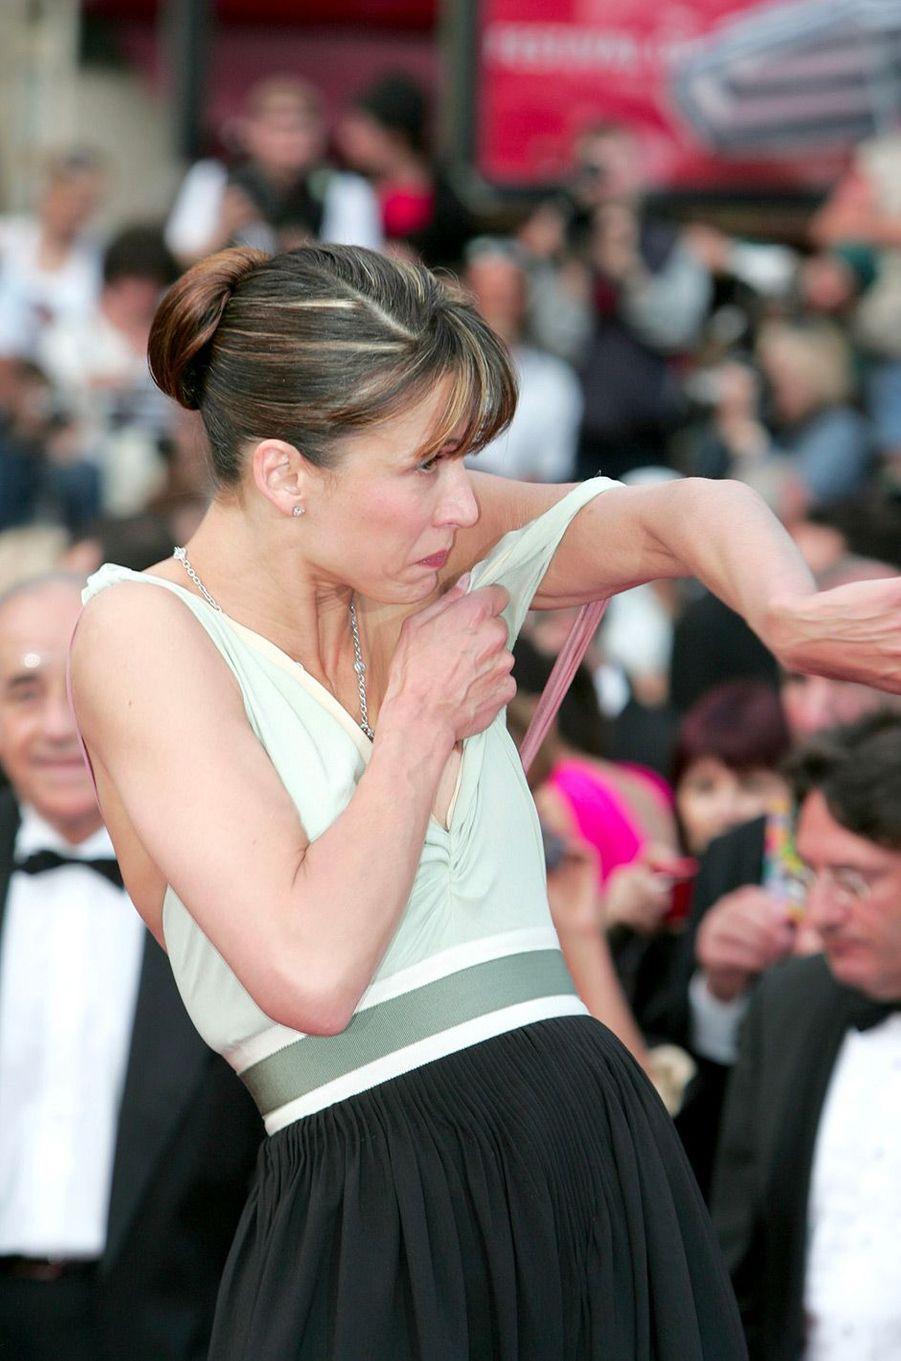 """Festival de Cannes 2005: Le """"nipplegate"""" de Sophie MarceauUn moment historique du Festival de Cannes: quand Sophie Marceau a perdu le haut. Alors que l'actrice posait devant les photographes en 2005, la bretelle de sa robe a accidentellement glissé, dévoilant son sein. Un moment (évidemment) immortalisé par tous les photographes. Sophie Marceau a récidivé en 2015, dévoilant cette fois-ci le bas, la brise cannoise ayant soulevé sa jupe fendue."""